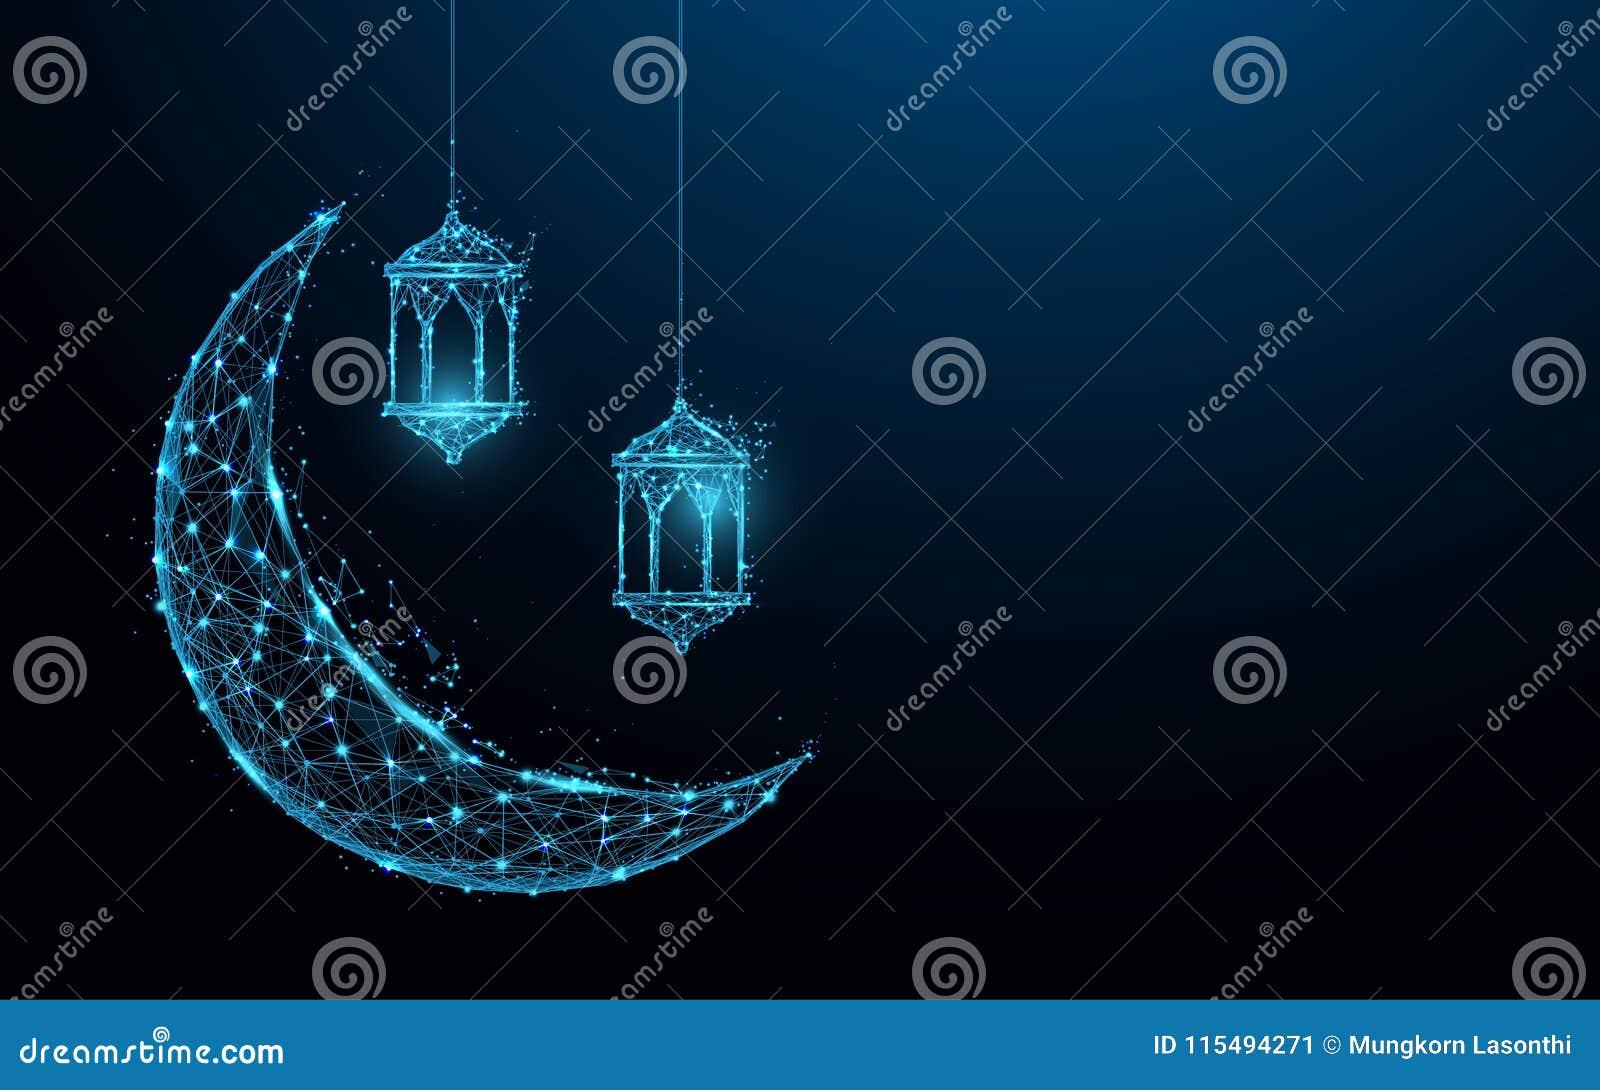 Lua crescente com linhas do formulário do conceito do festival das lâmpadas e triângulos islâmicos de suspensão, rede de conexão